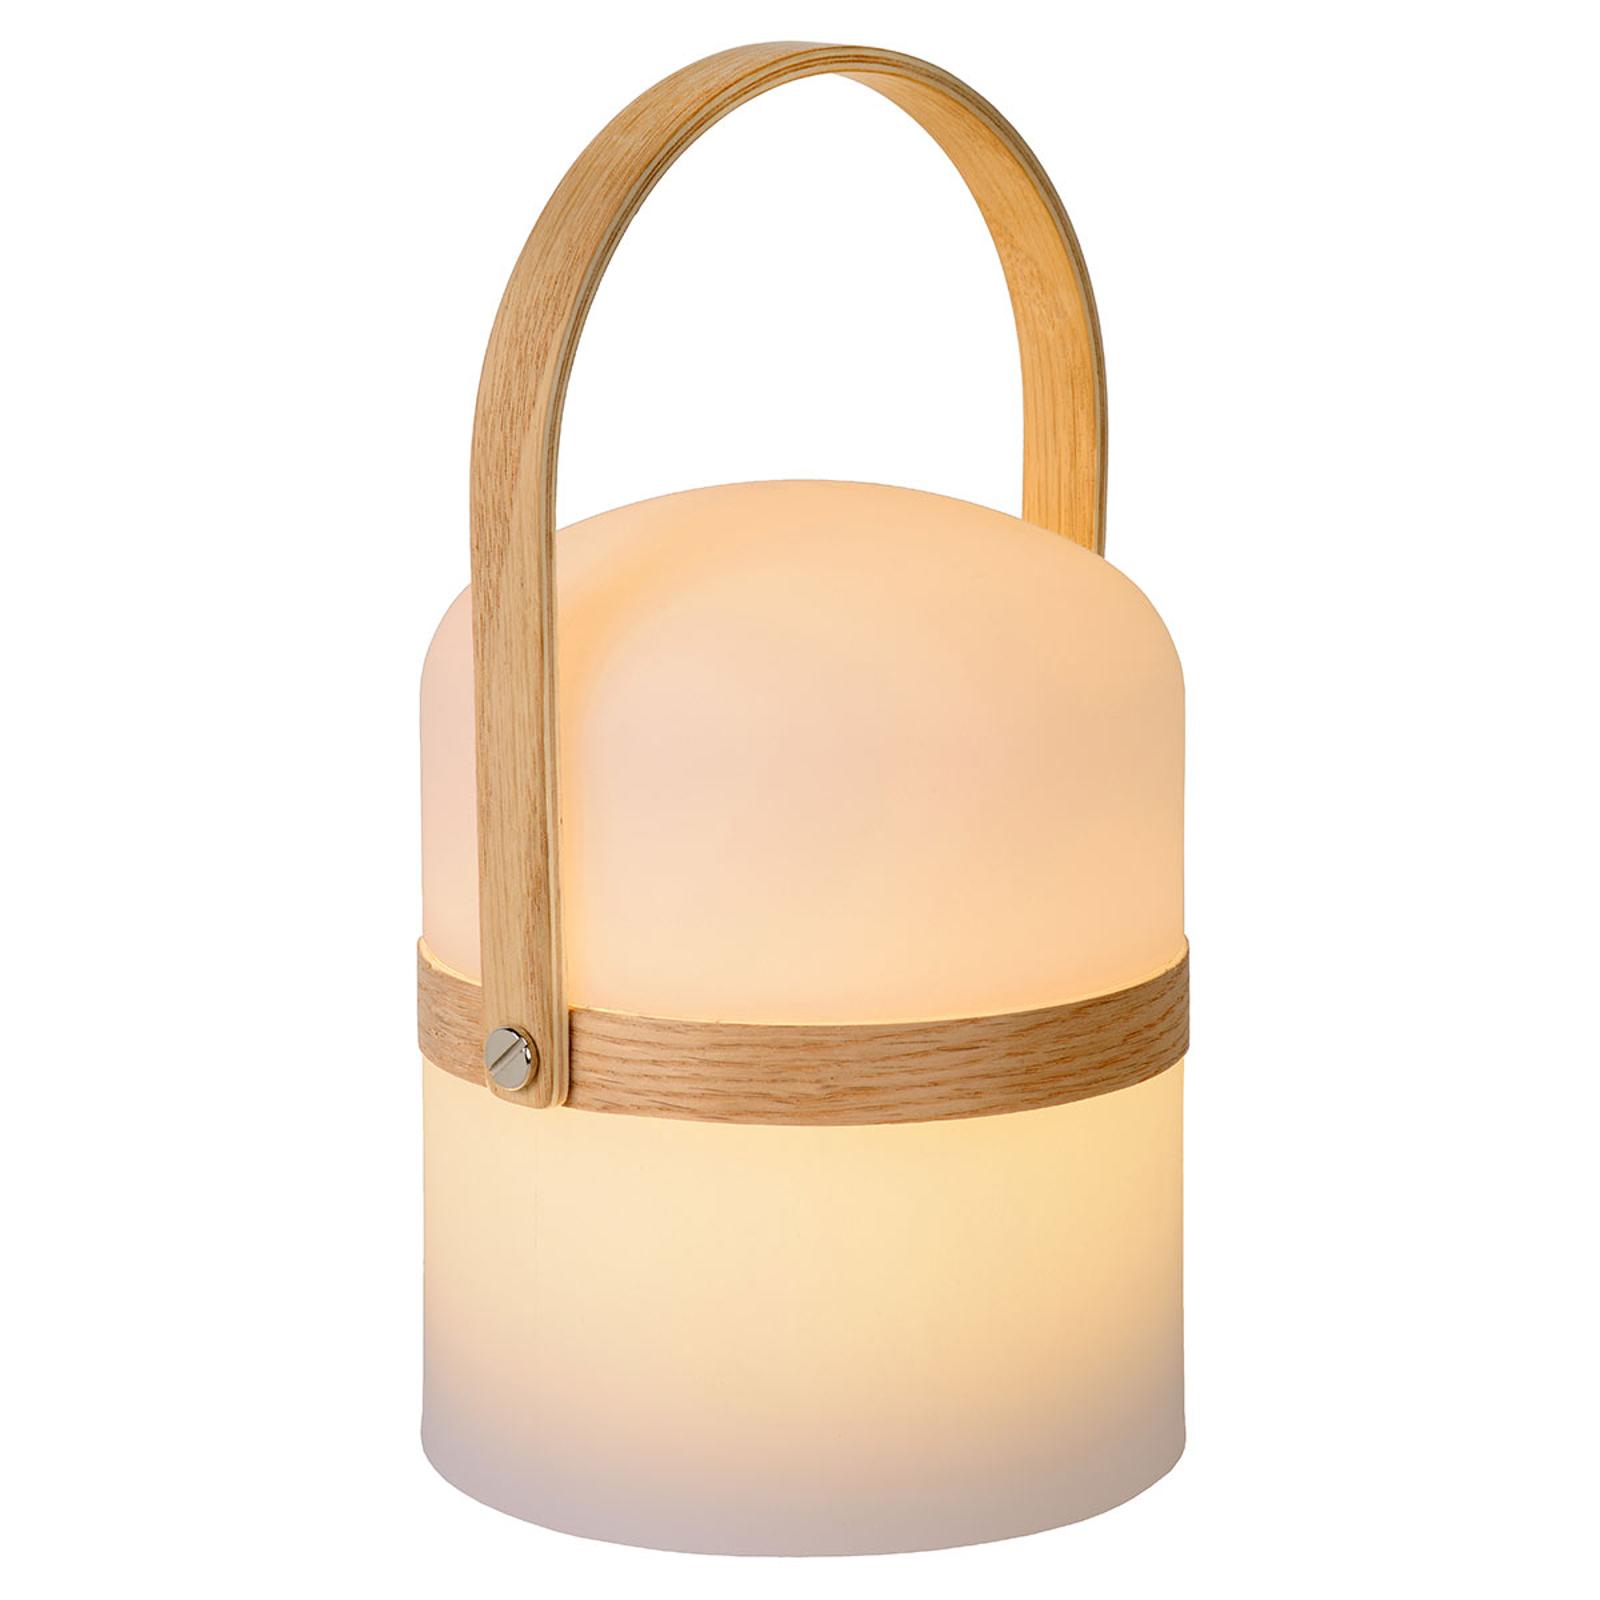 Kannettava LED-pöytälamppu Joe sisä- ja ulkokäyttö